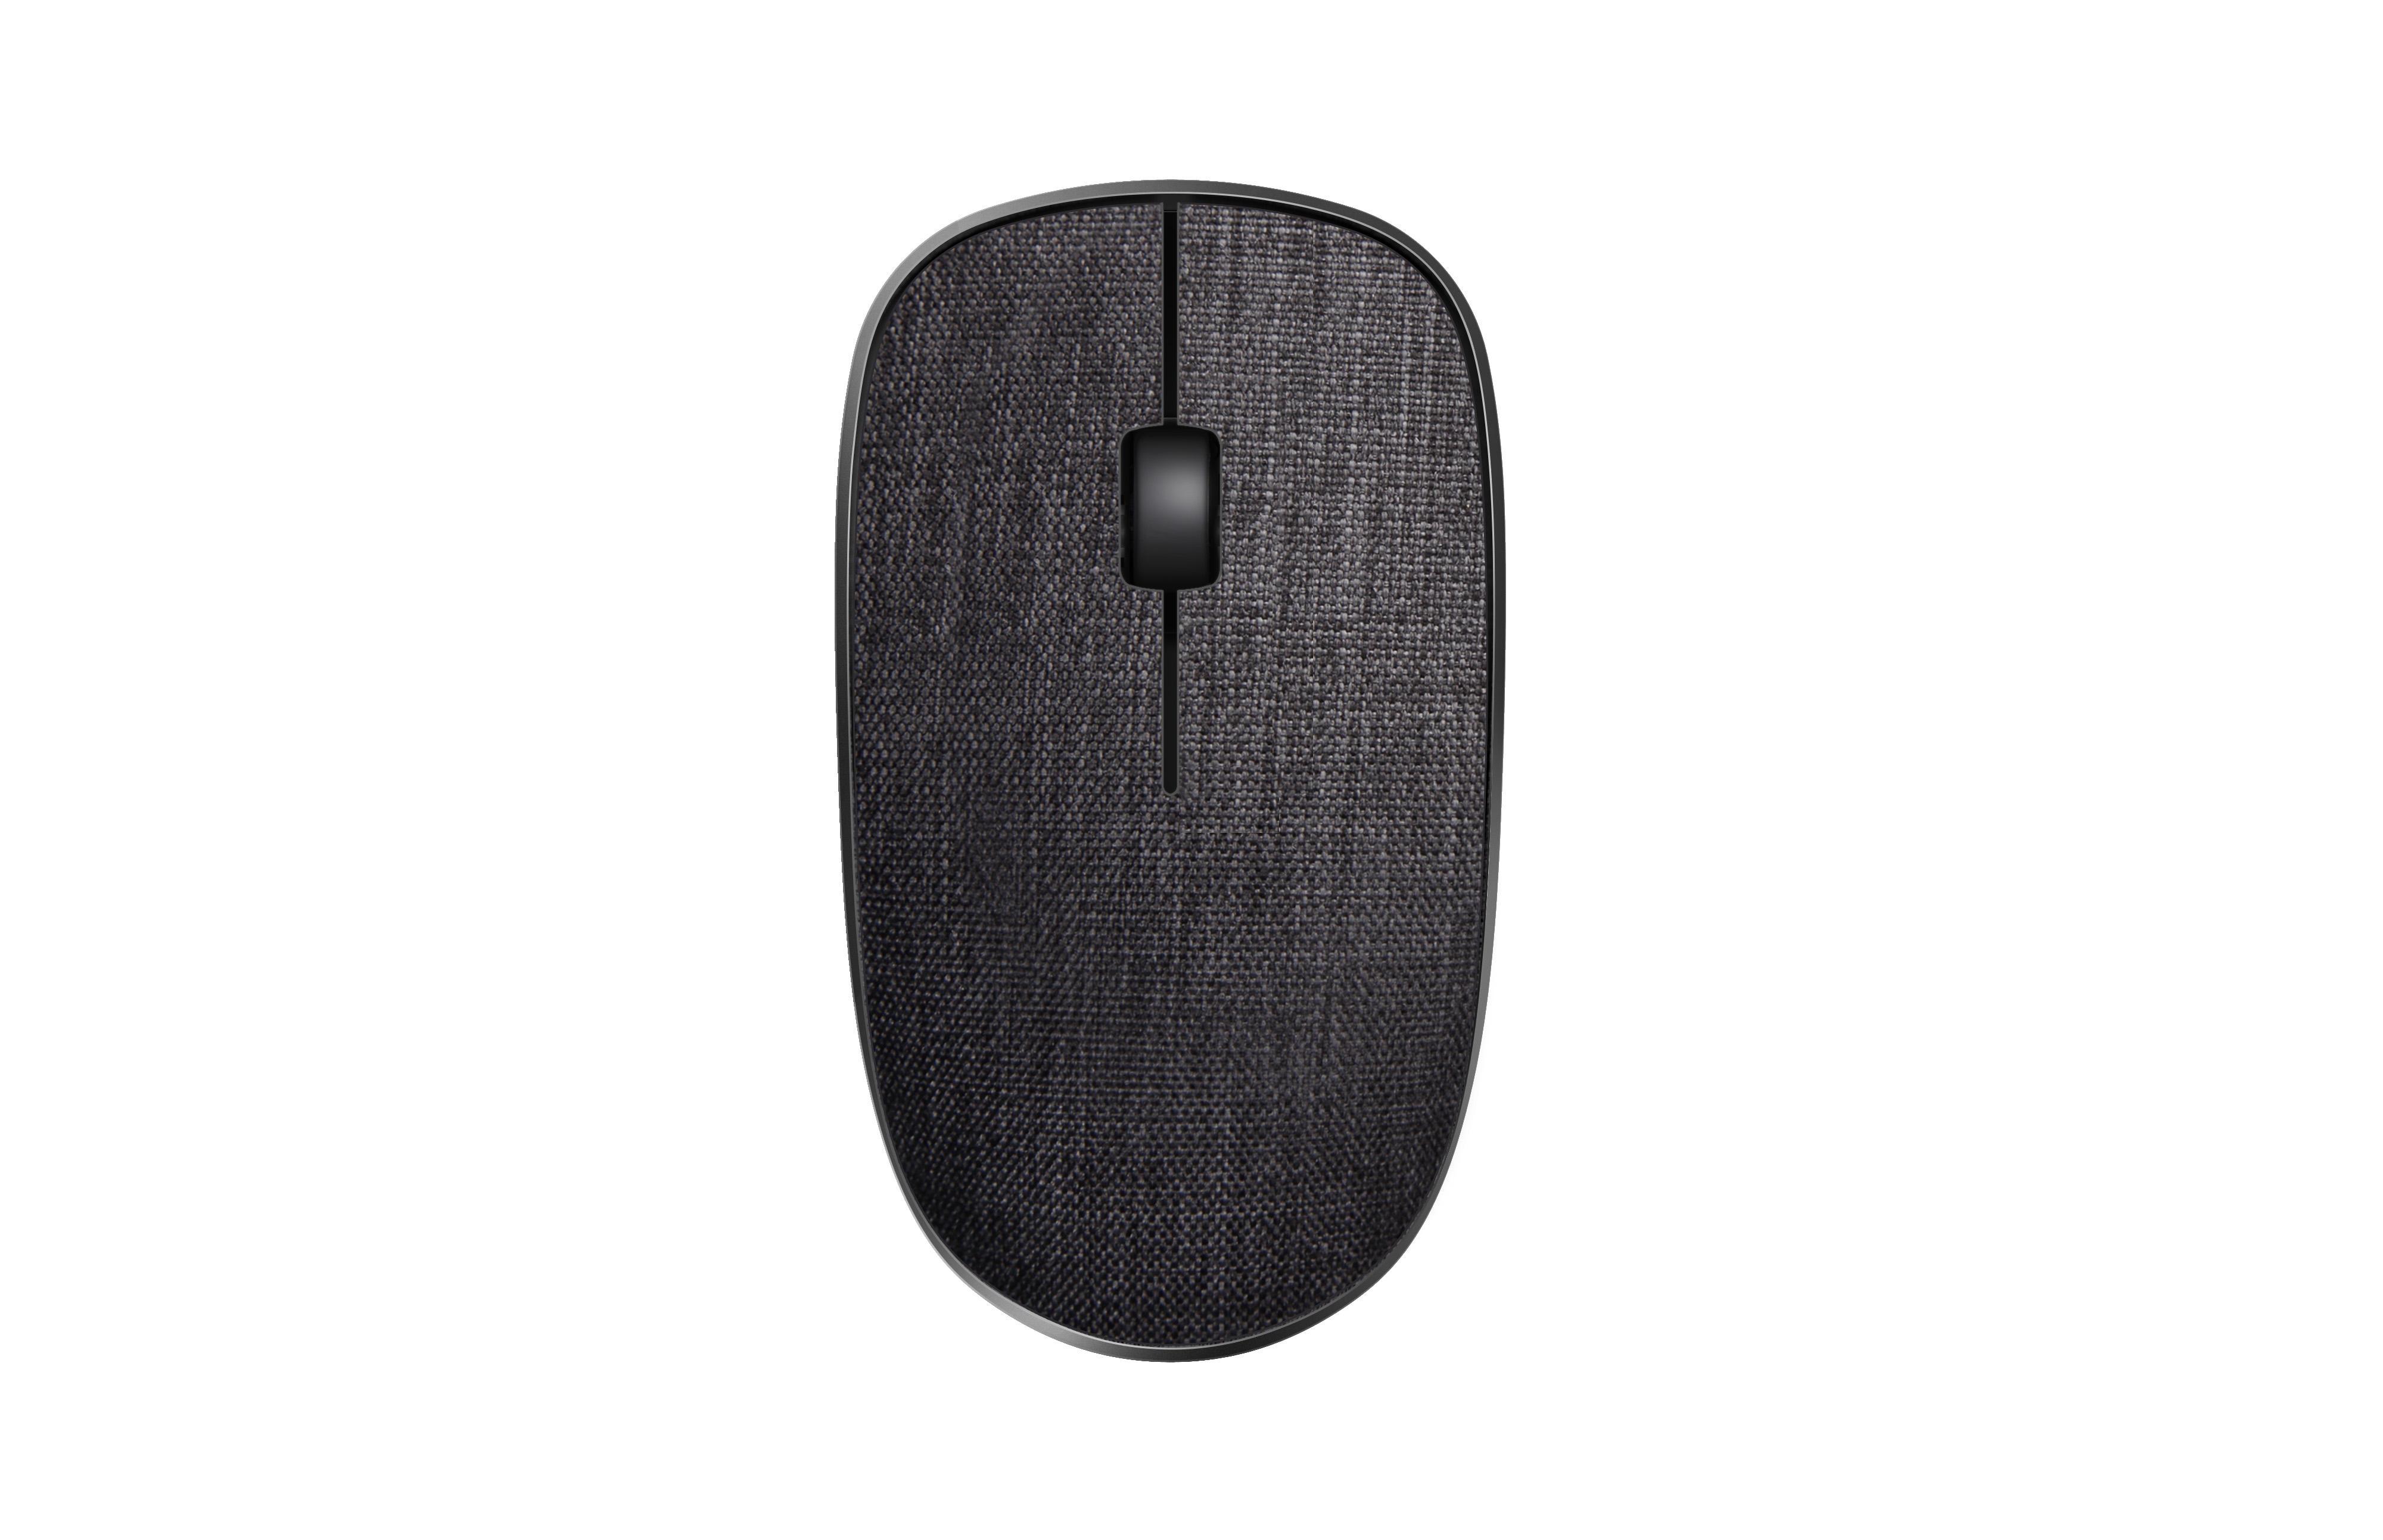 Безжична оптична мишка RAPOO 200 Plus multi-mode,черна, с покритие от плат